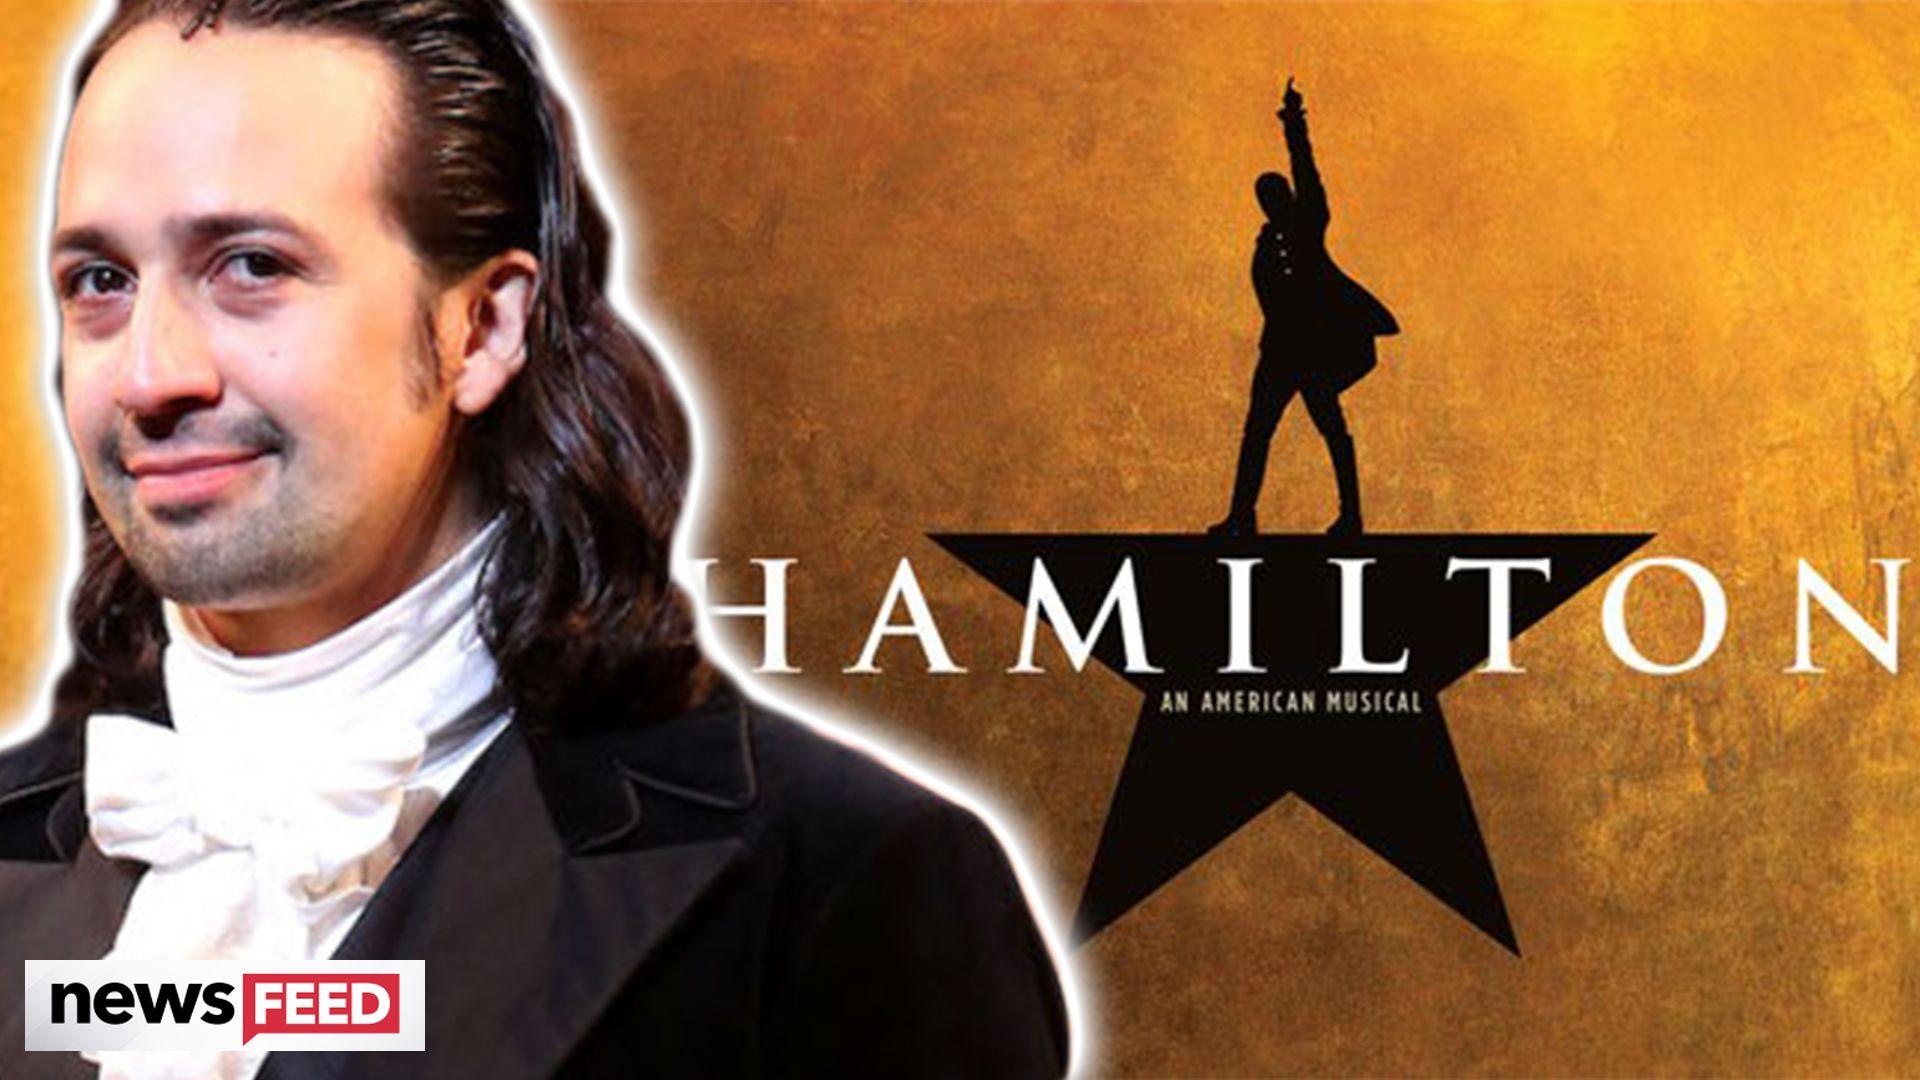 """Lin-Manuel Miranda Calls Criticism of 'Hamilton' """"Valid"""" After Getting Heat Online"""